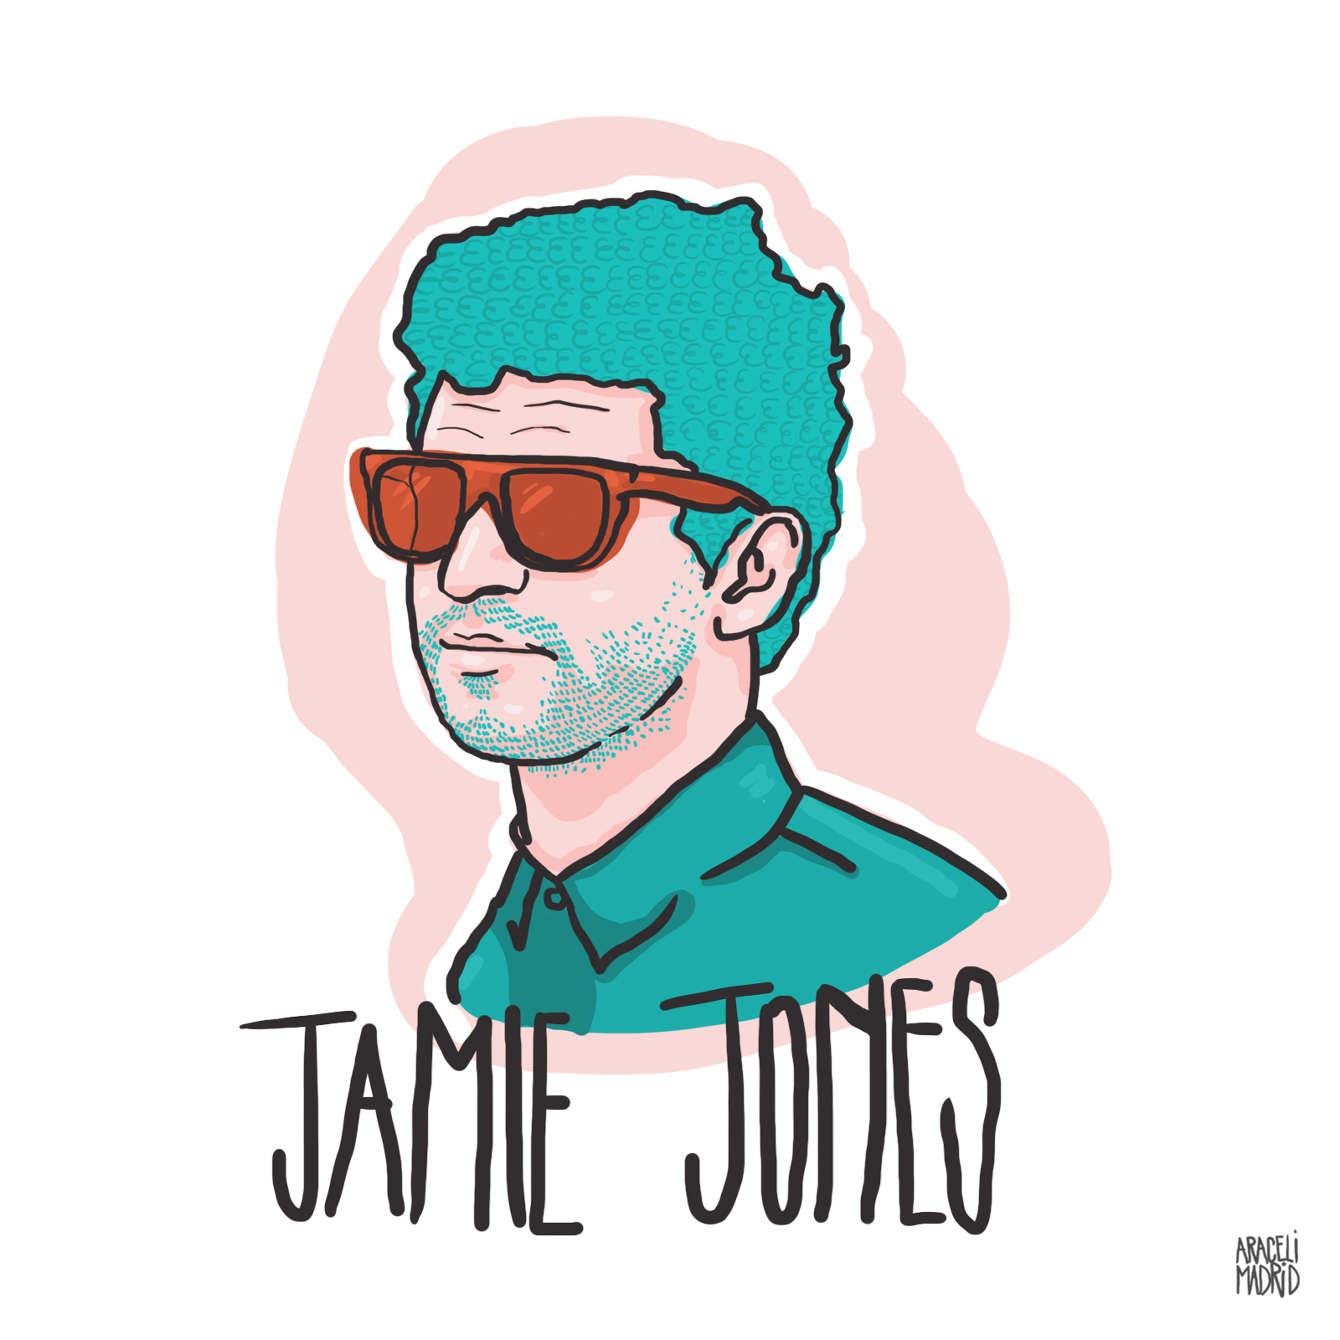 Jamie Jones Djs ilustrados